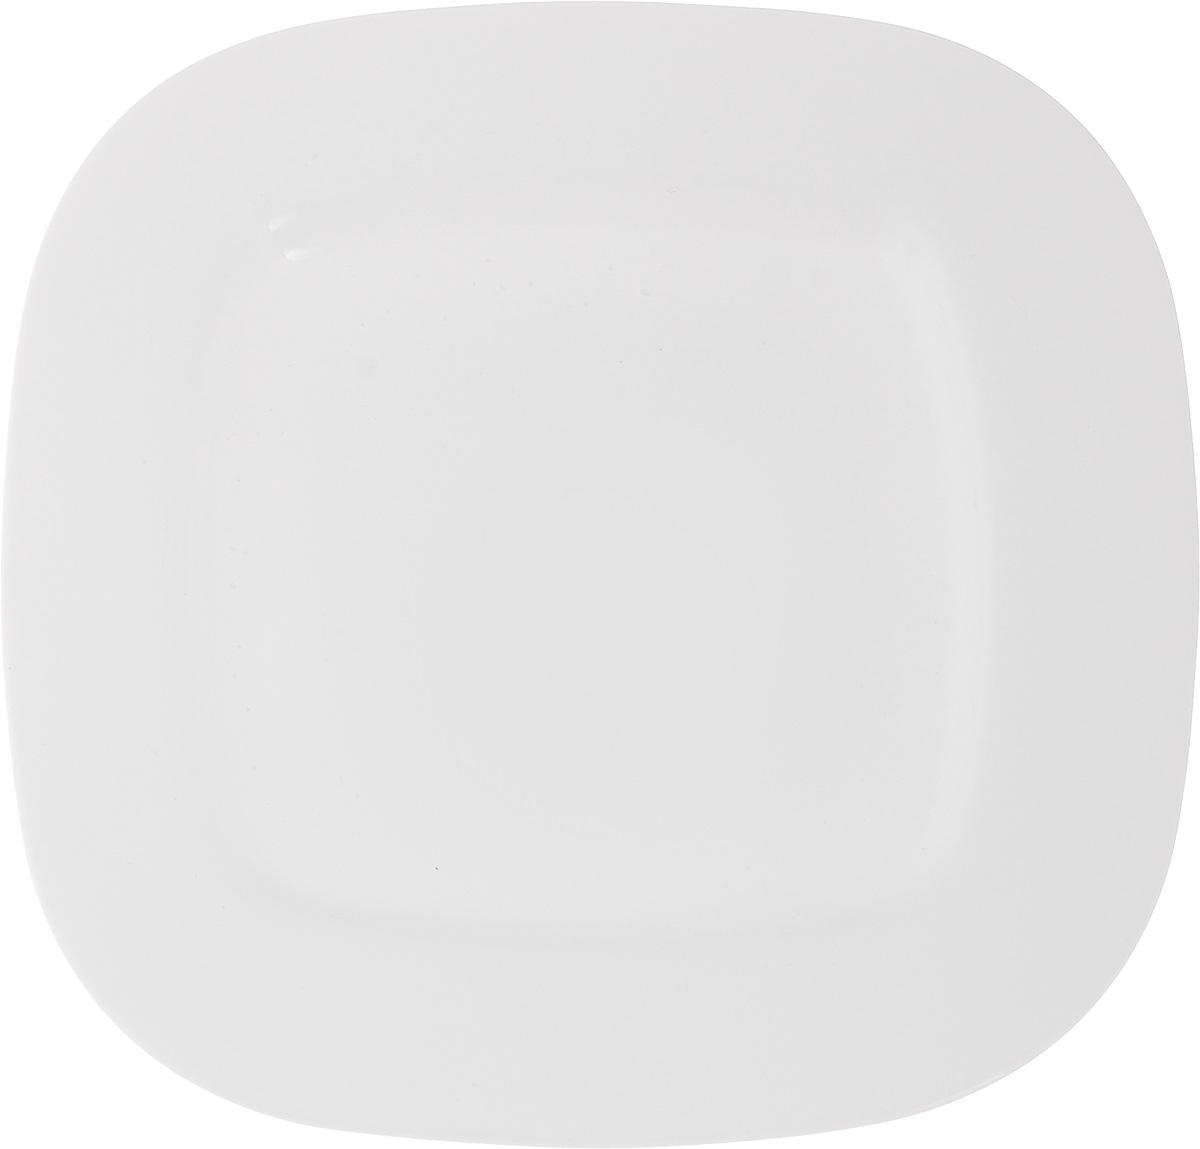 Тарелка десертная Luminarc Squera, 25 х 25 смG9978Десертная тарелка Luminarc Squera, изготовленная из ударопрочного стекла, имеет изысканный внешний вид. Такая тарелка прекрасно подходит как для торжественных случаев, так и для повседневного использования. Идеальна для подачи десертов, пирожных, тортов и многого другого. Она прекрасно оформит стол и станет отличным дополнением к вашей коллекции кухонной посуды. Размер тарелки (по верхнему краю): 25 х 25 см.